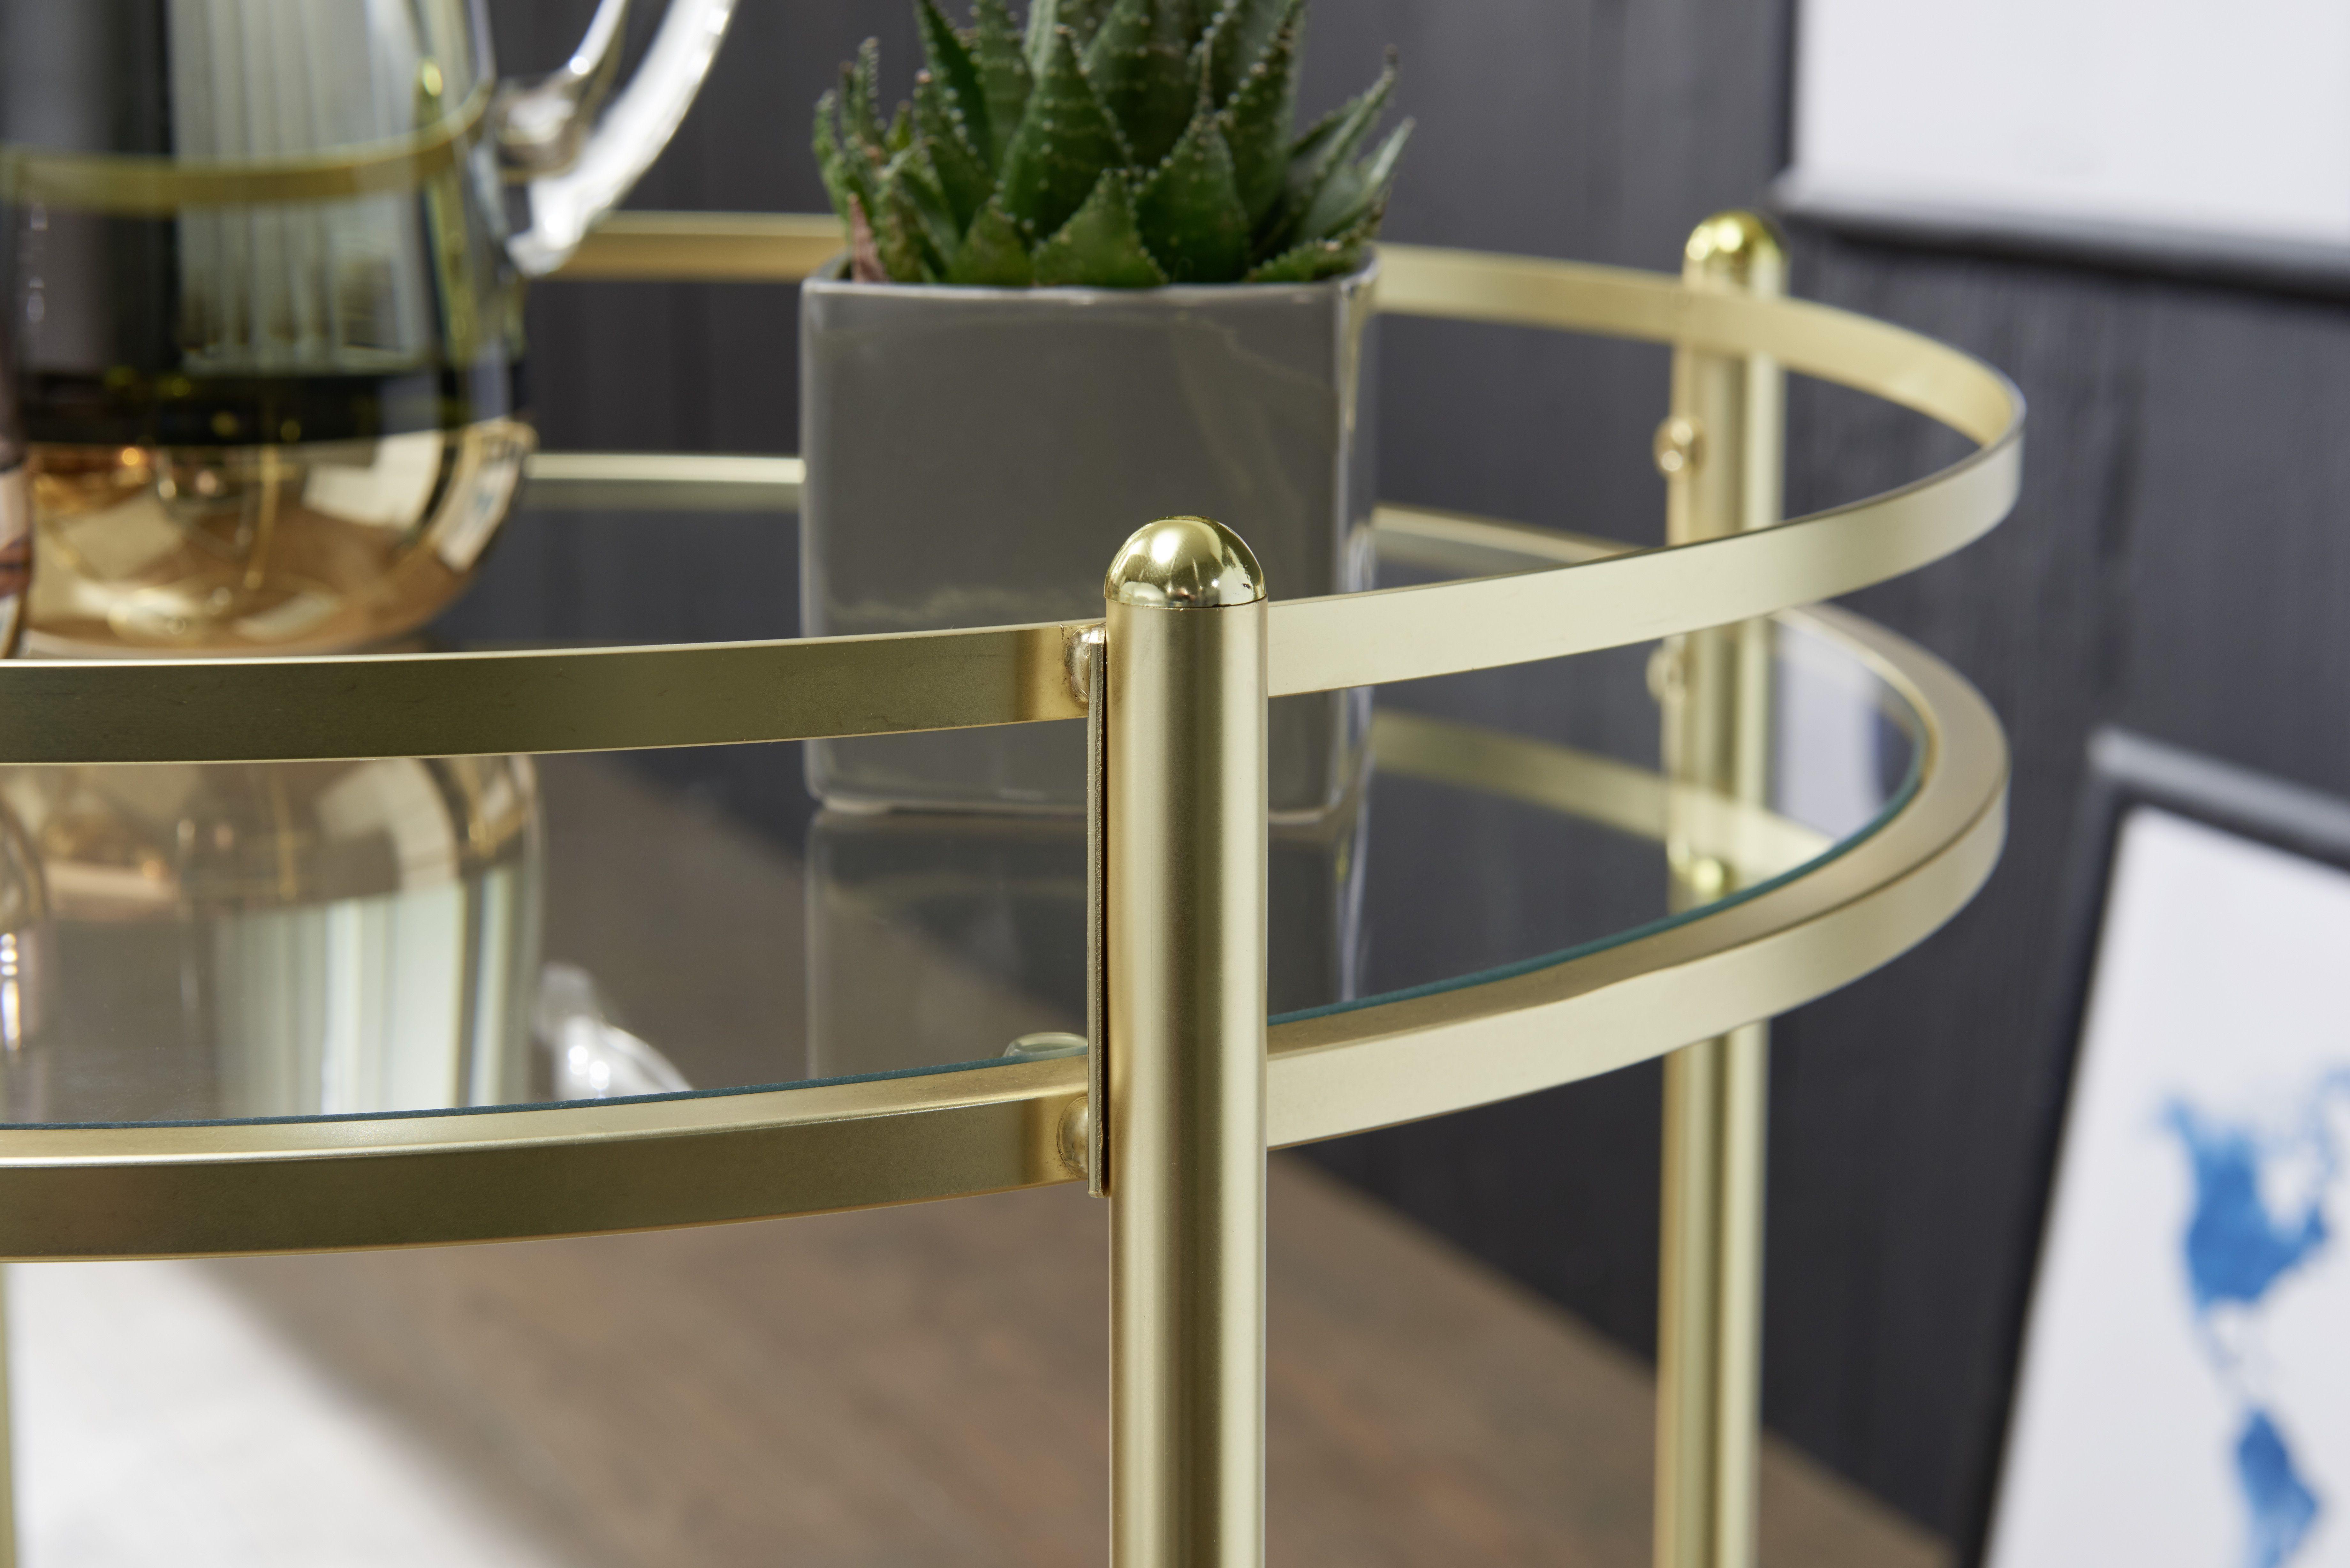 Wohnling Servierwagen James Wl5 792 Aus Glas Mit Gold Gestell Wohnzimmer Gold Glas Modern Design Dekoration Wohnidee Beistelltisch Servierwagen Design